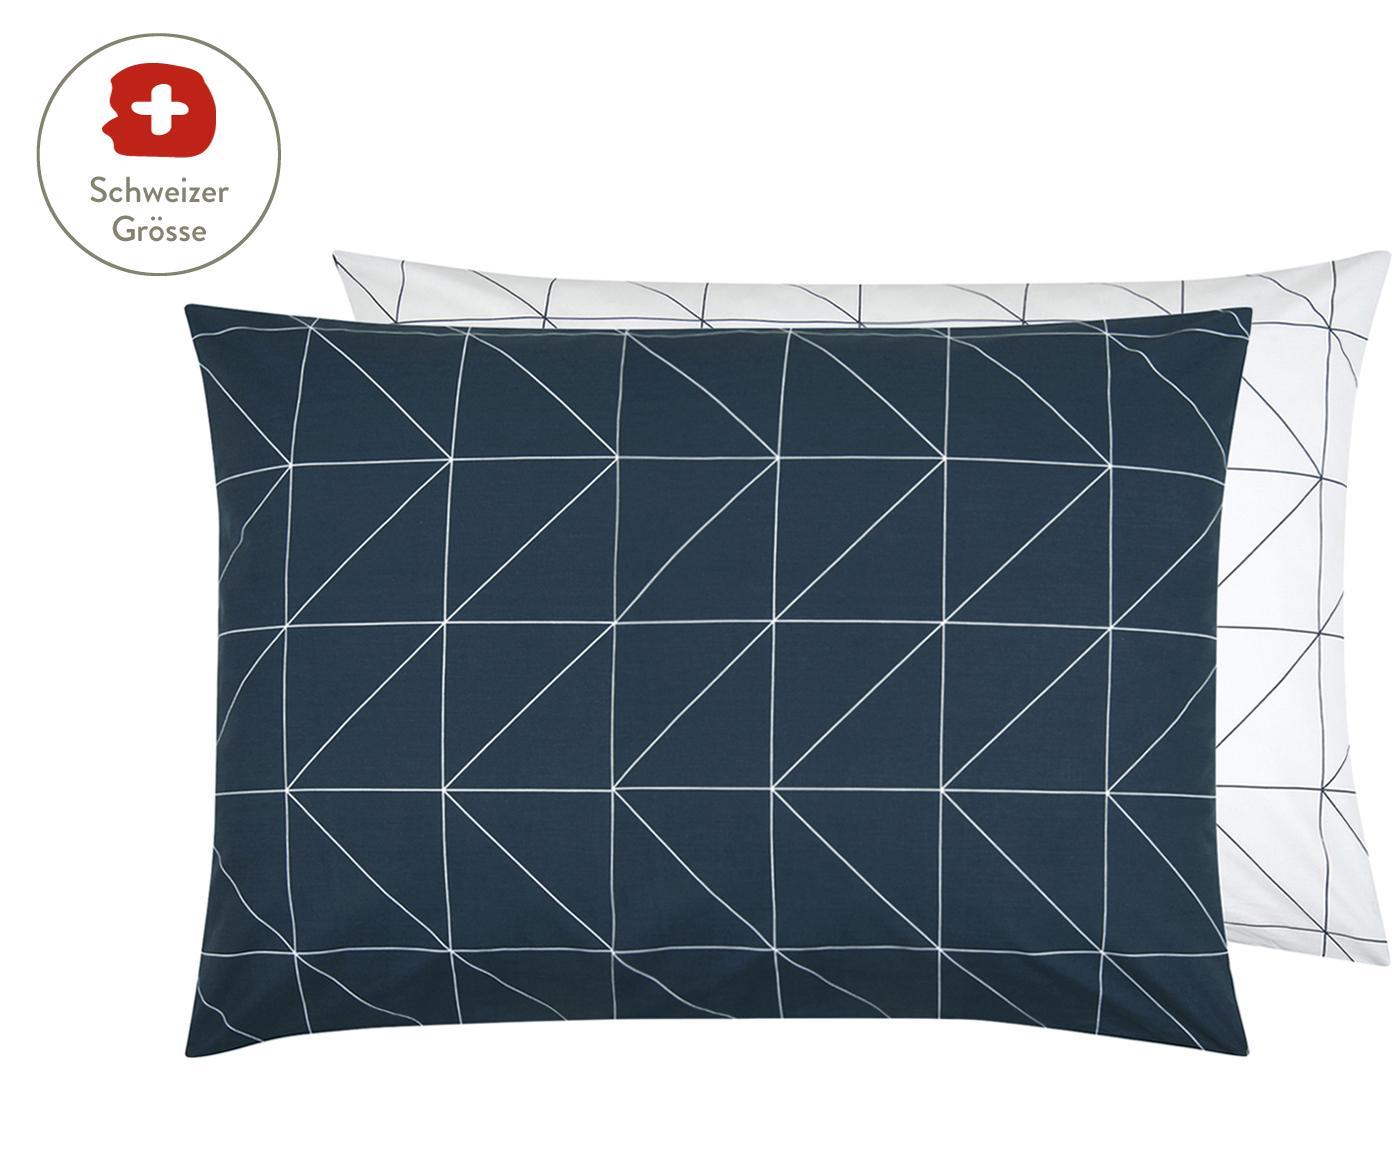 Baumwoll-Wendekissenbezug Marla mit grafischem Muster, Webart: Renforcé Fadendichte 144 , Navyblau, Weiss, 50 x 70 cm